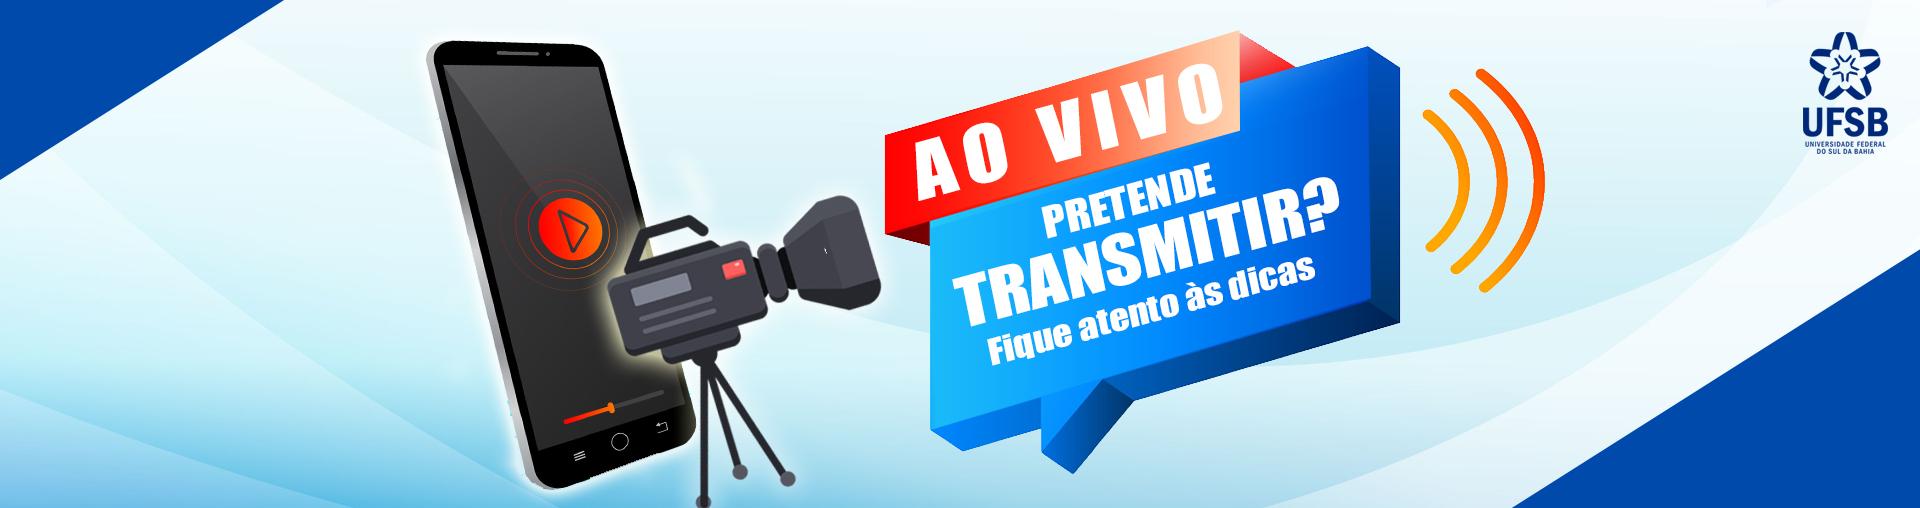 Orientações de preparo e moderação para transmissões ao vivo e lives